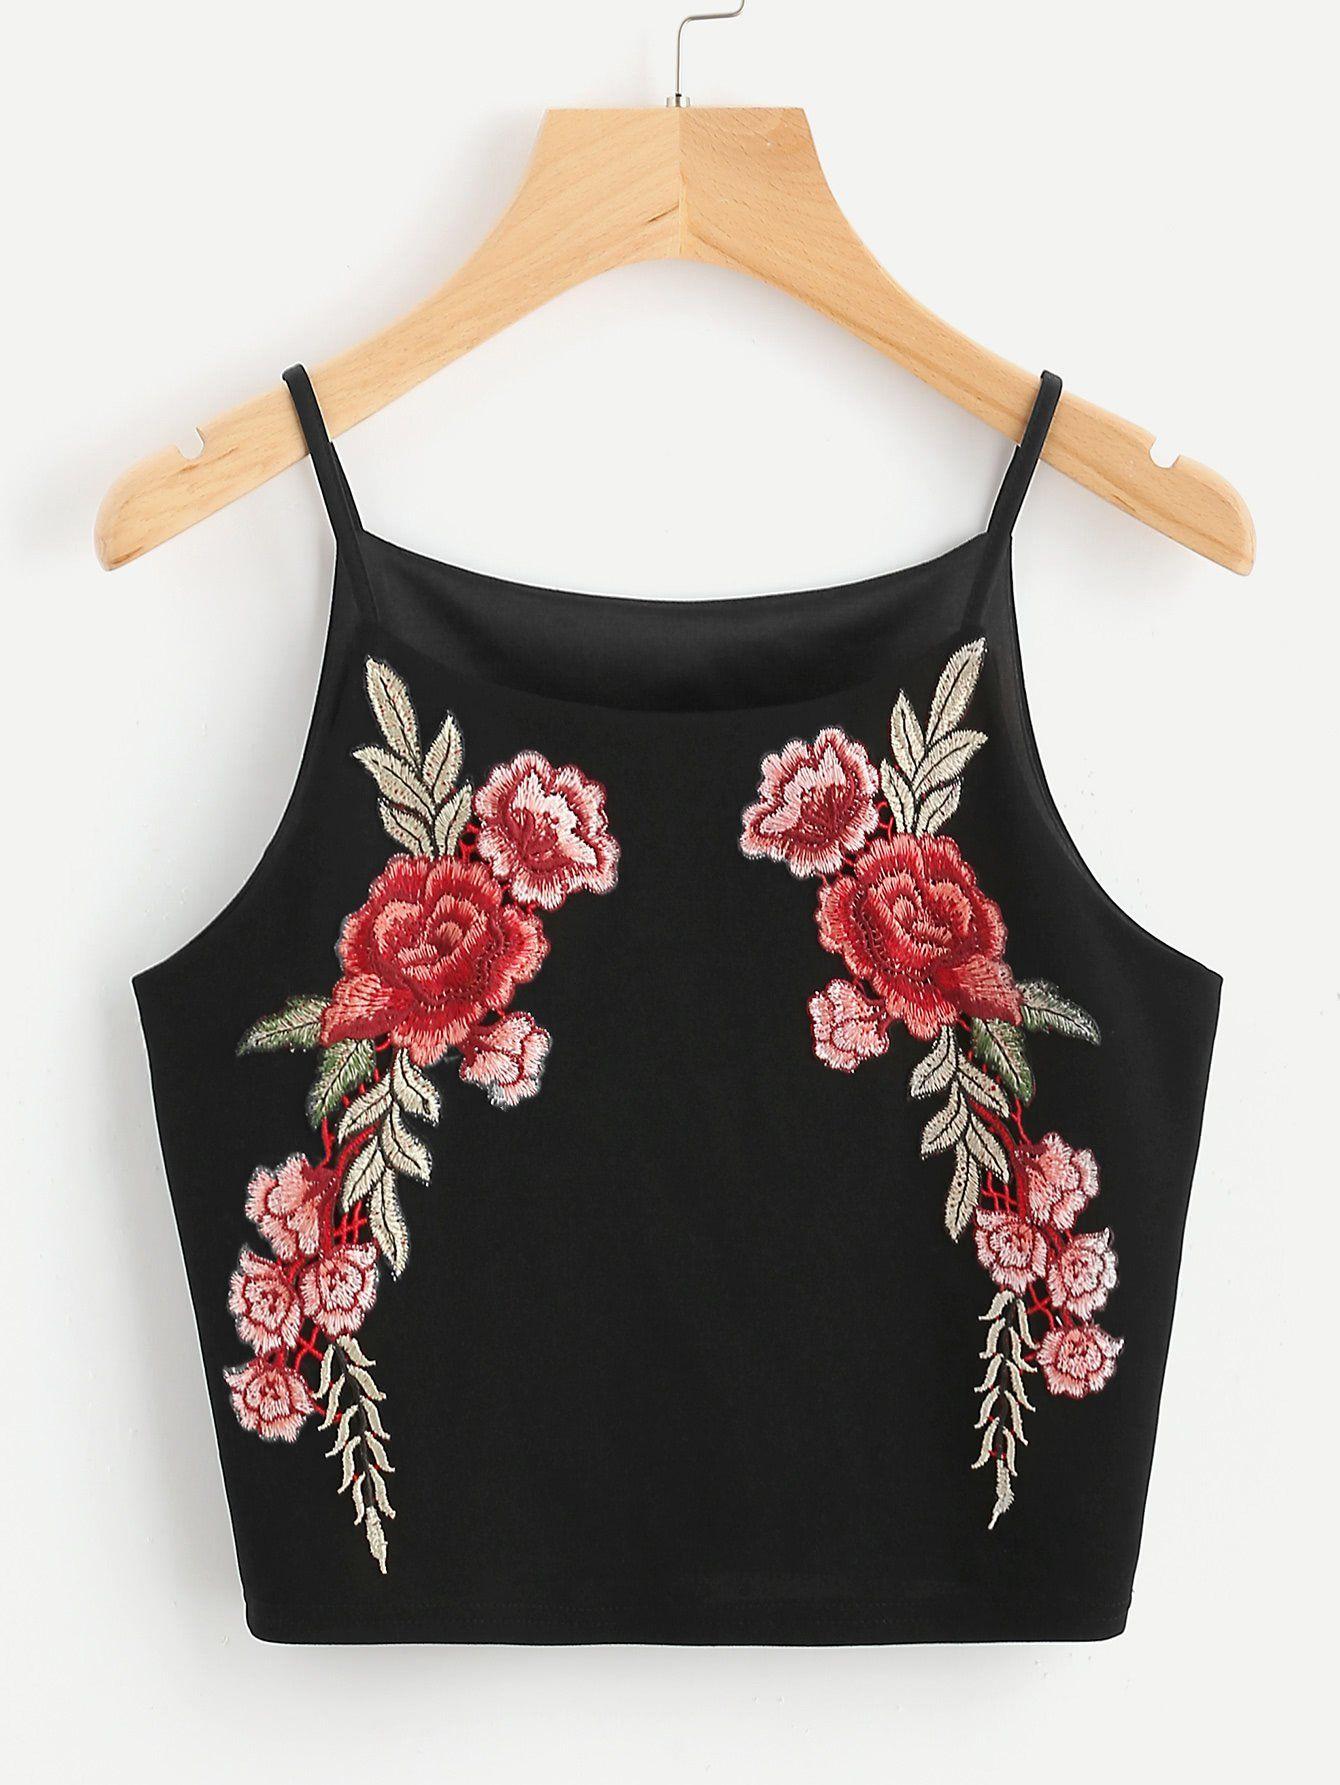 8153c0aced890 Rose Patch Crop Cami Top Crop Shirt